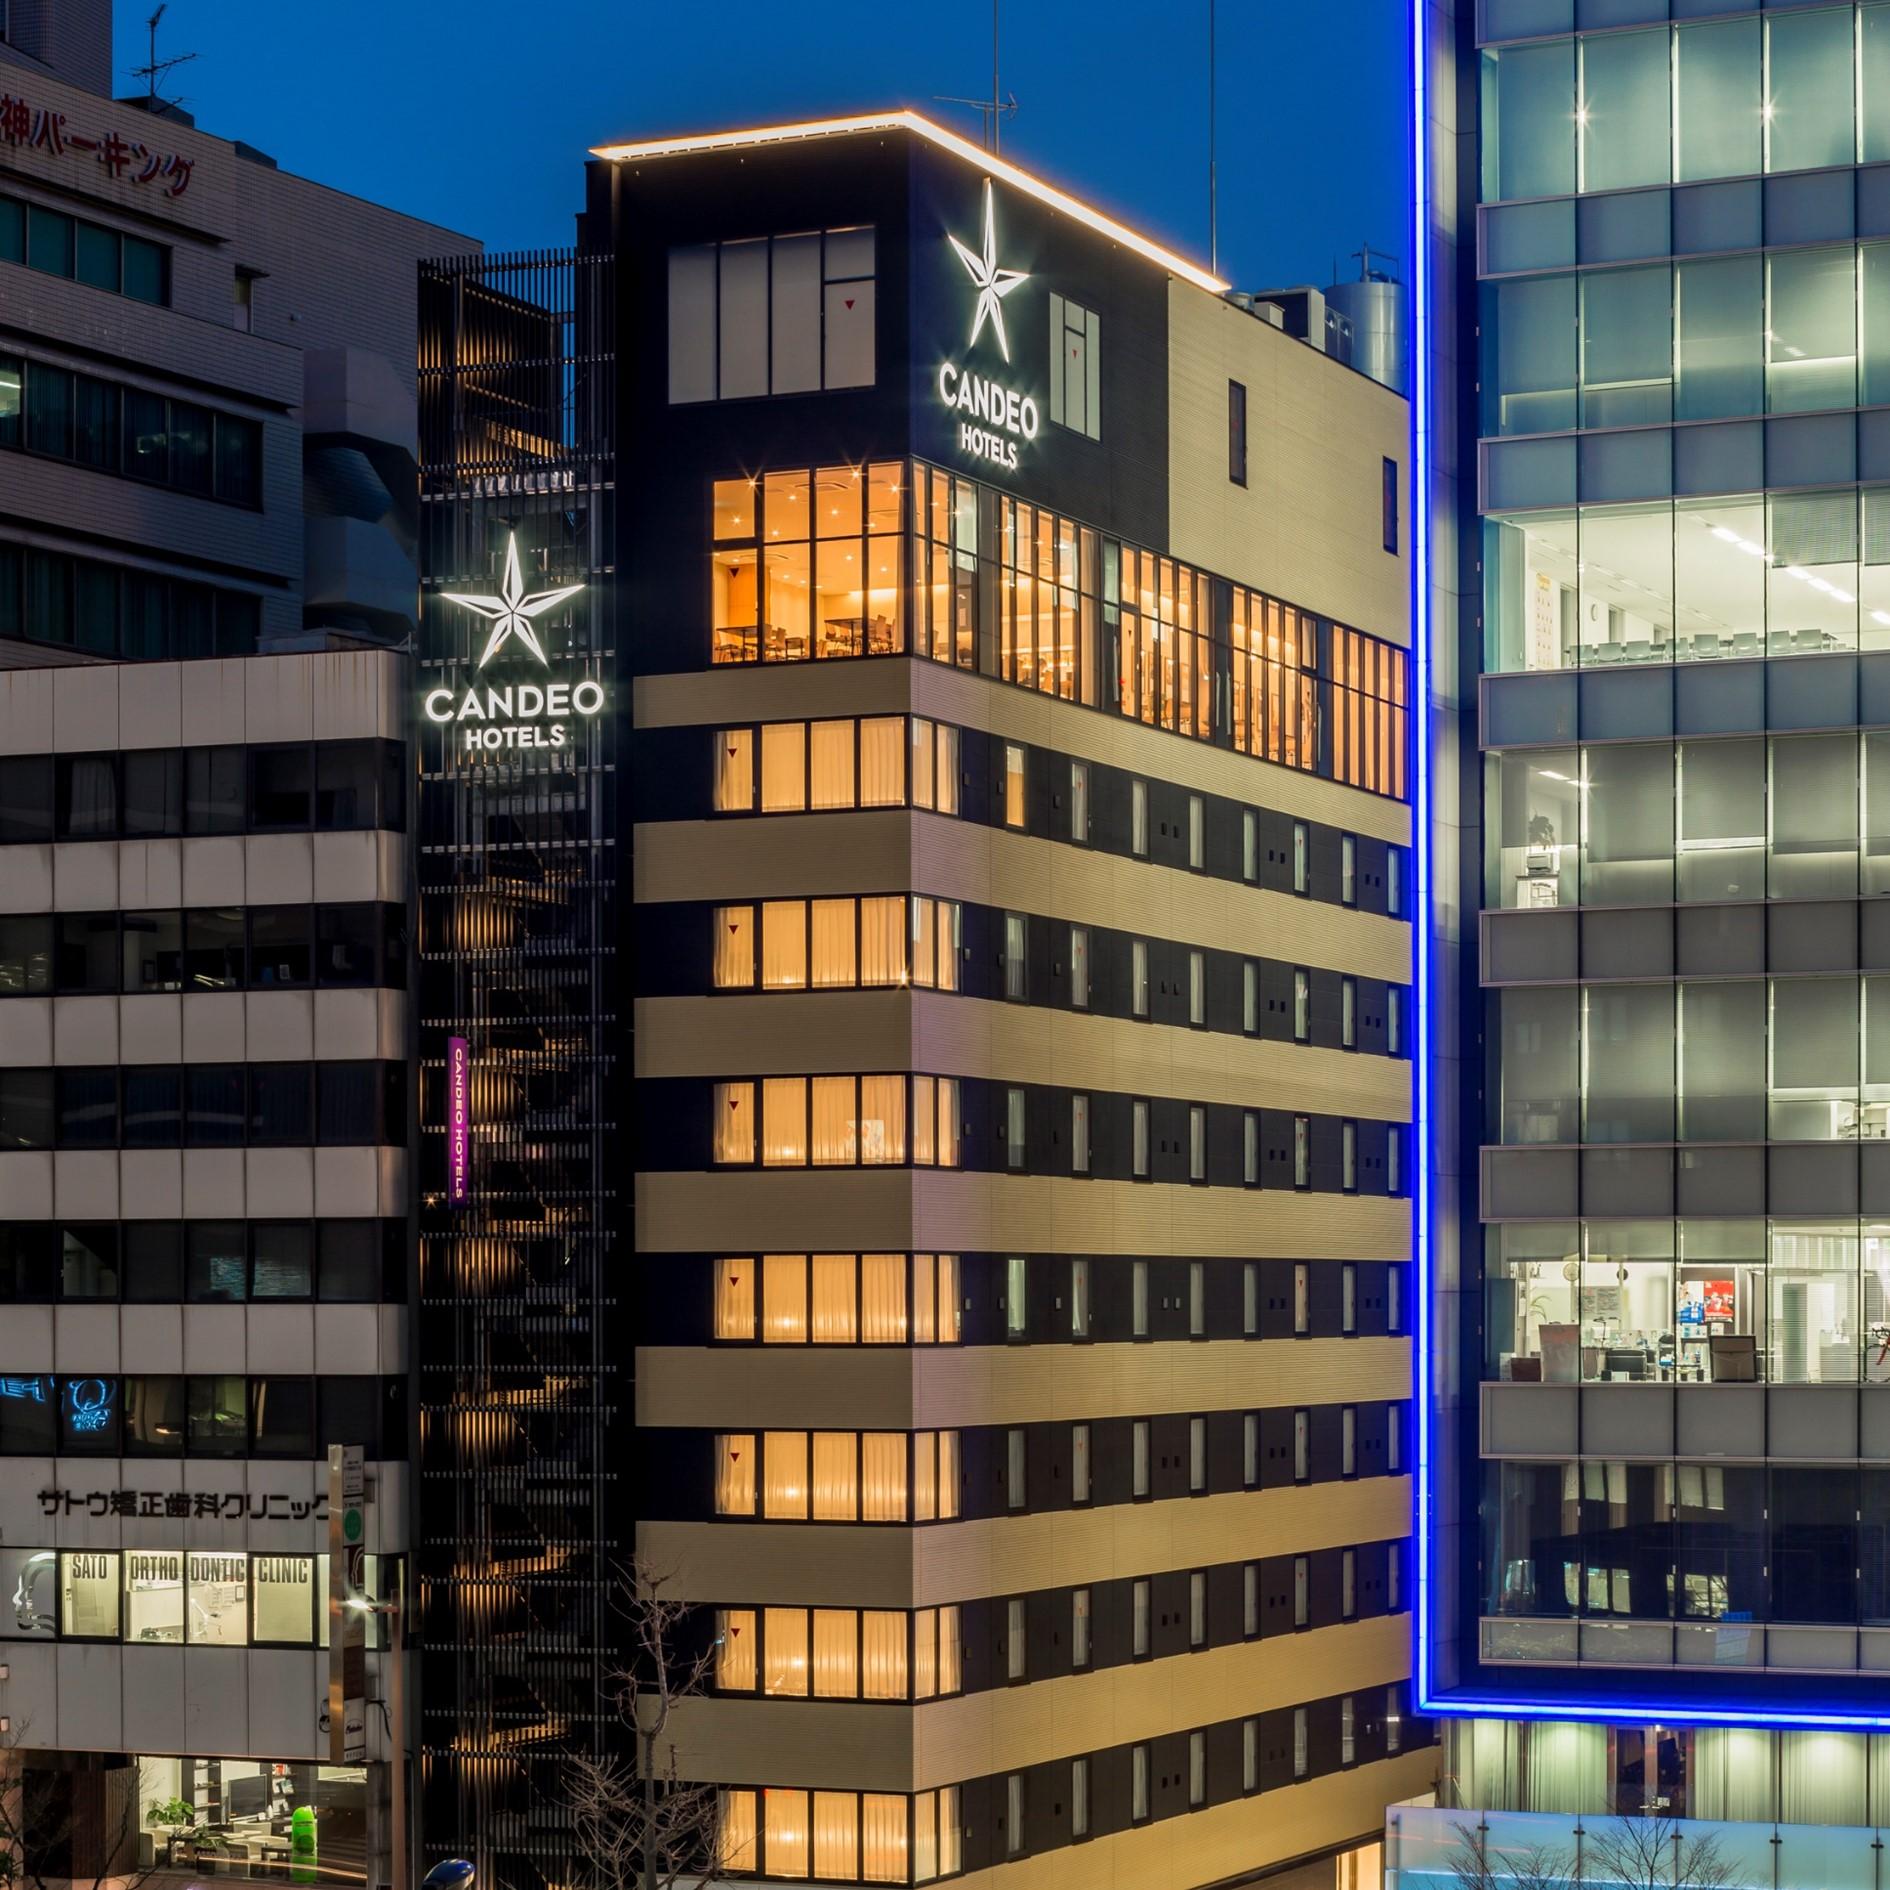 カンデオ ホテルズ 福岡天神◆楽天トラベル